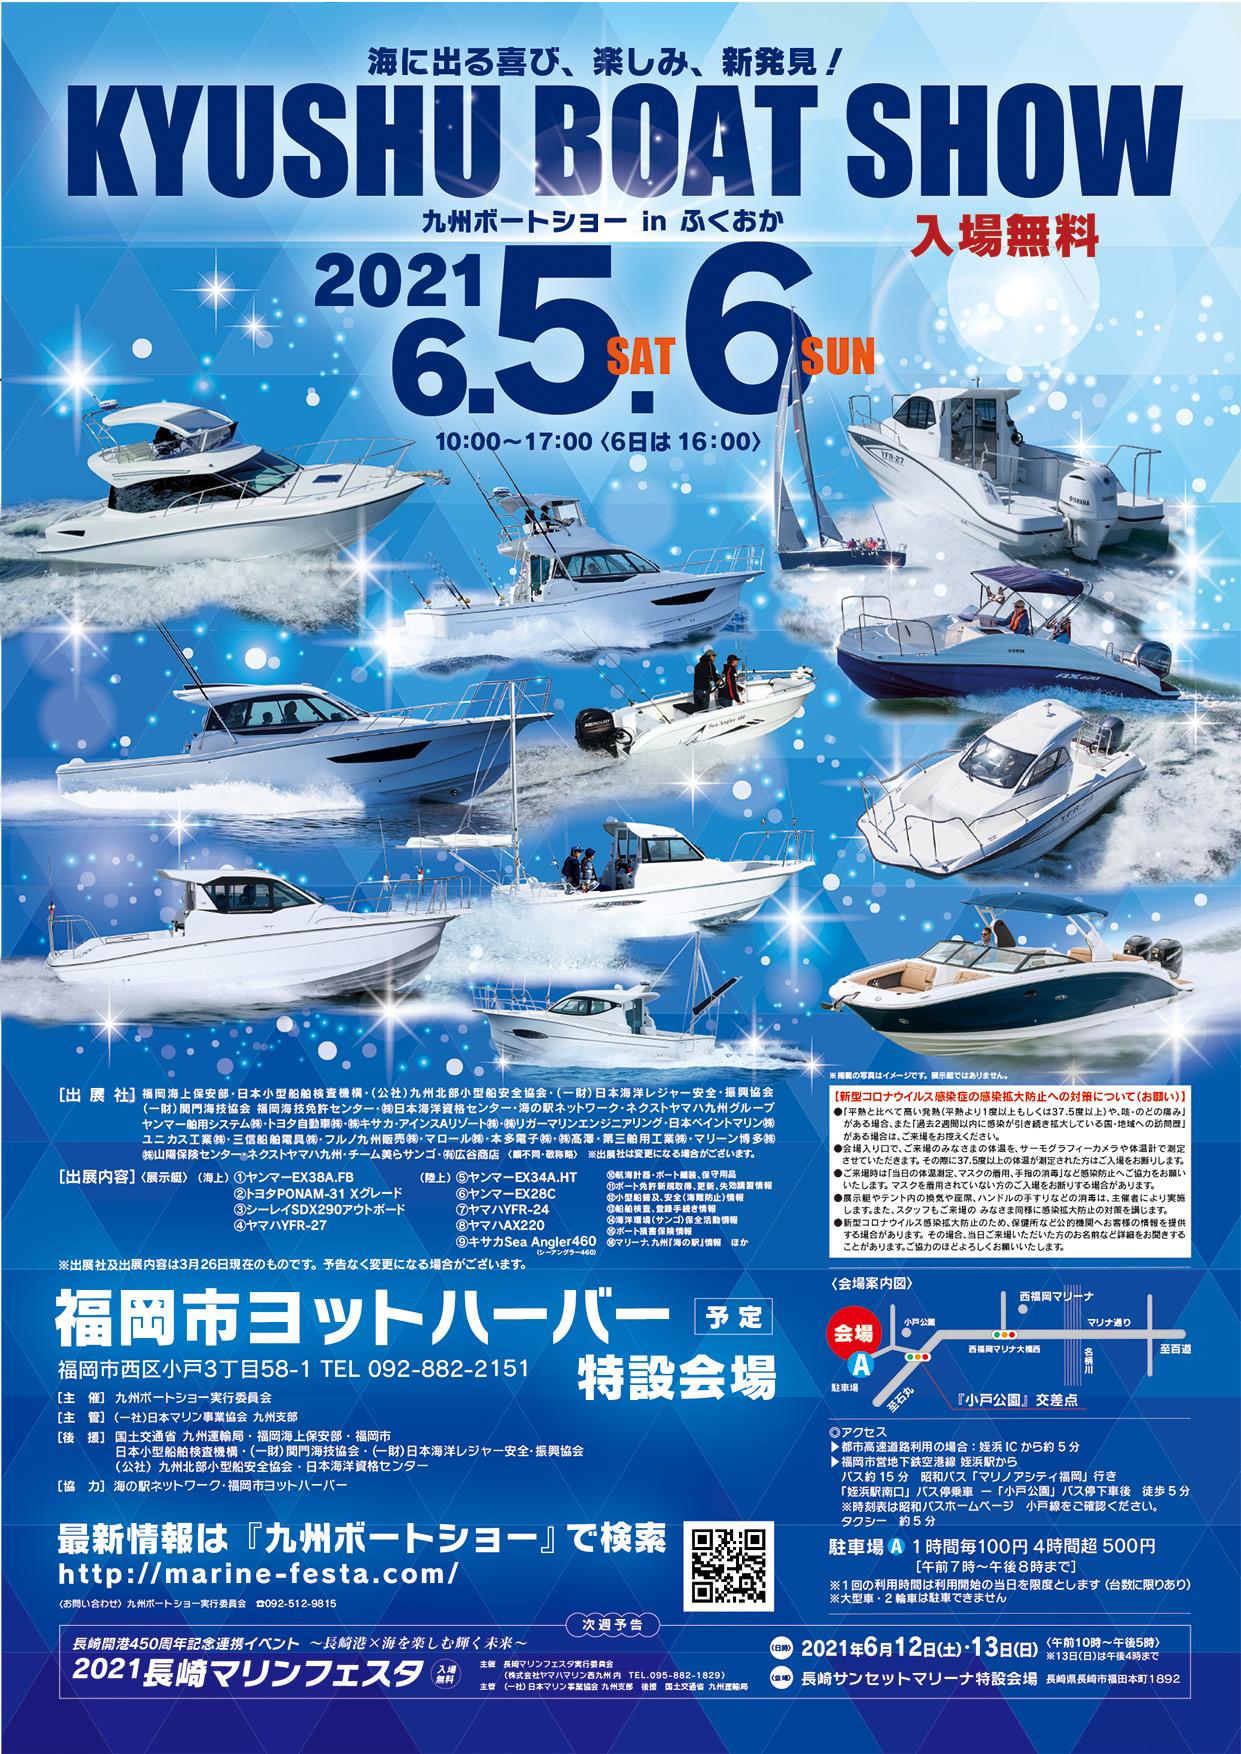 2021 九州ボートショー in 福岡